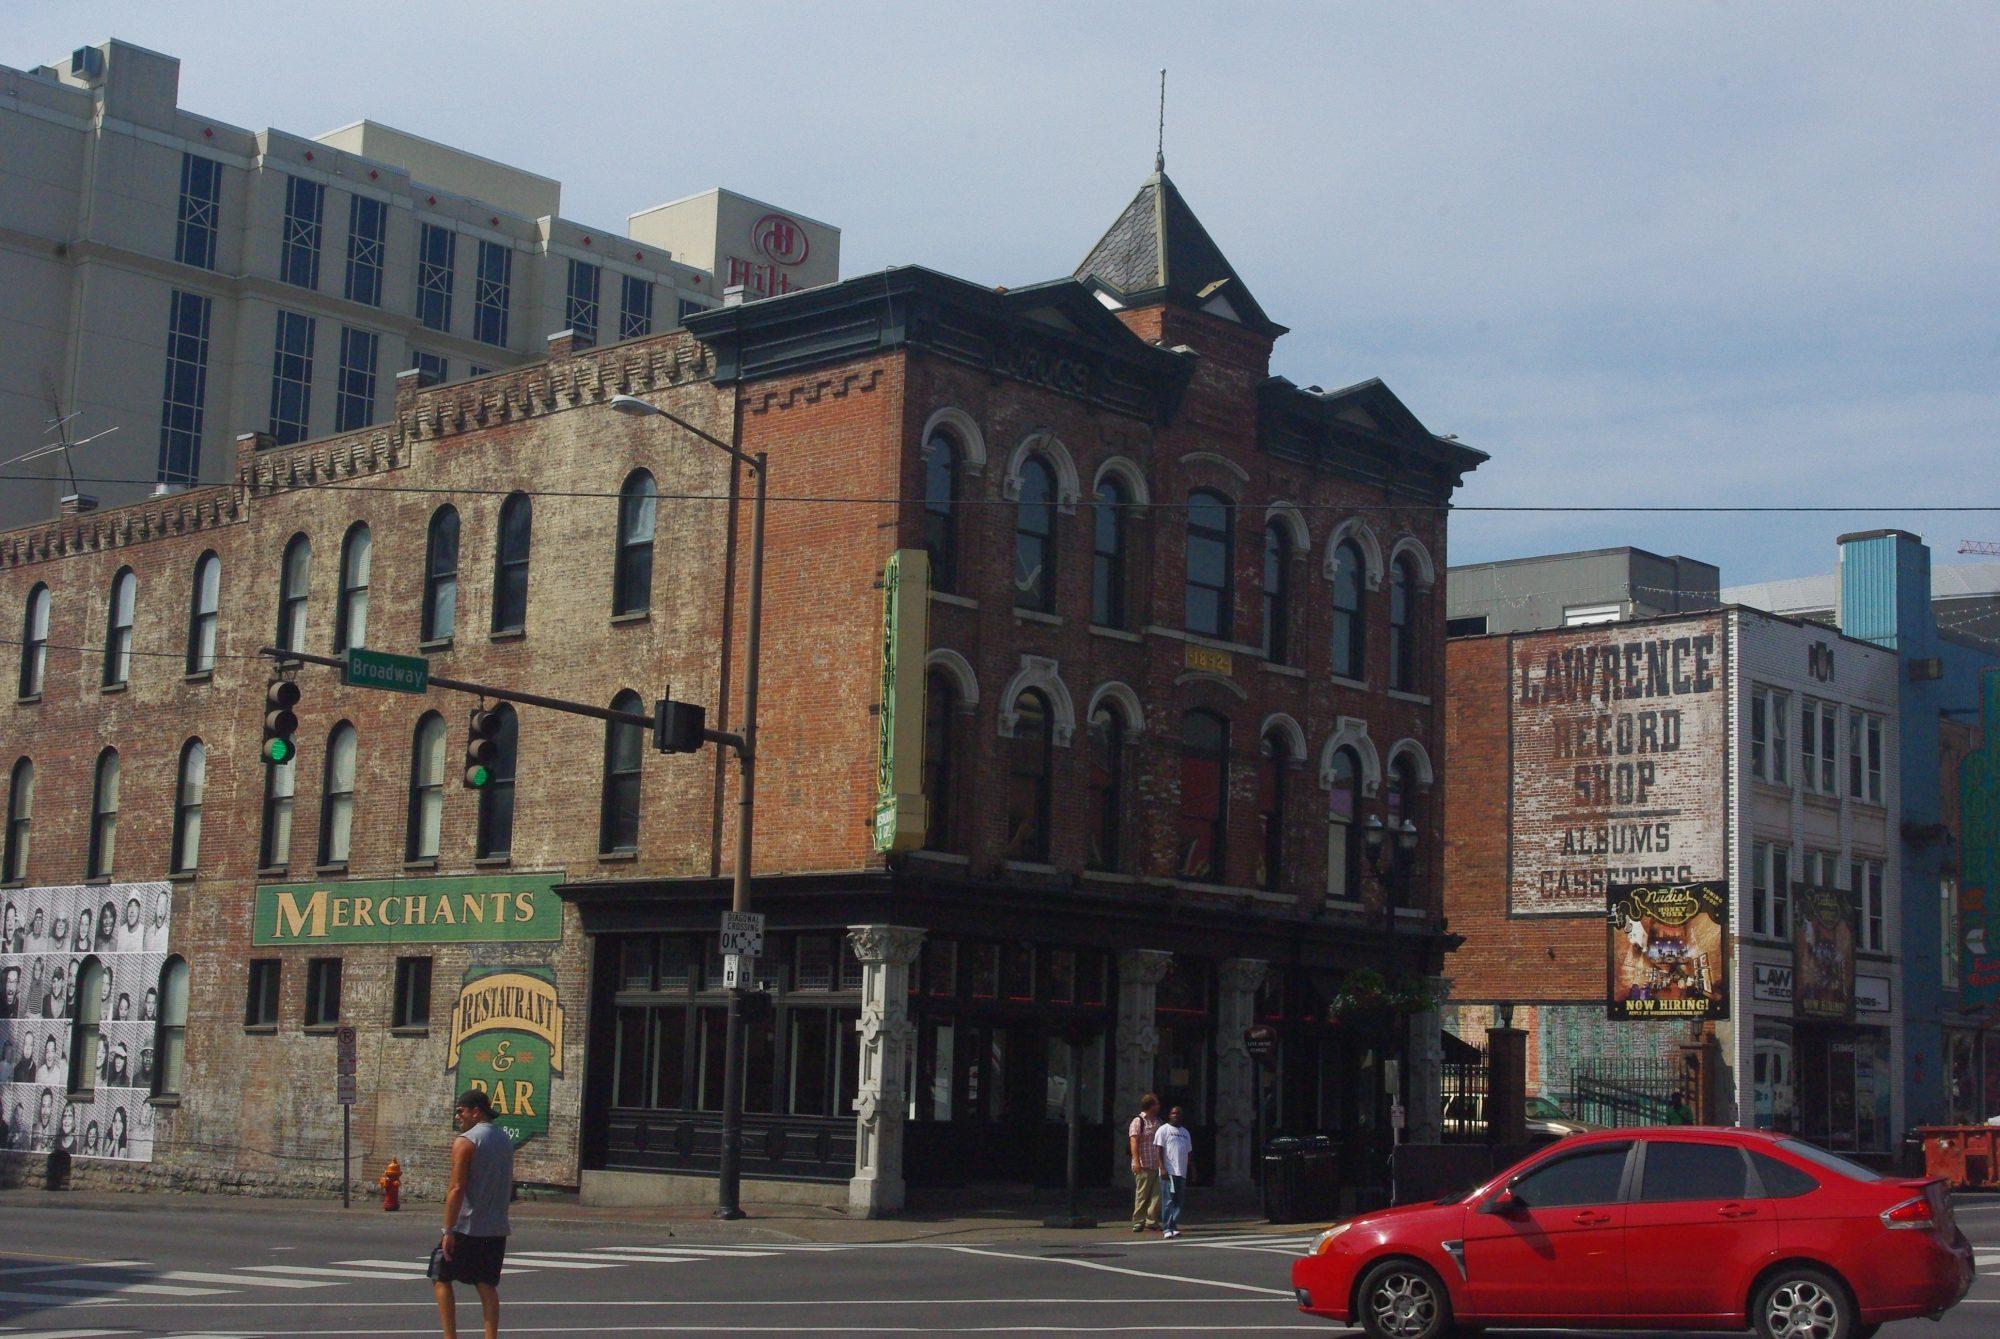 La rue est sympa car il y a encore beaucoup de vieux immeubles en briques qui donne un air des années 20